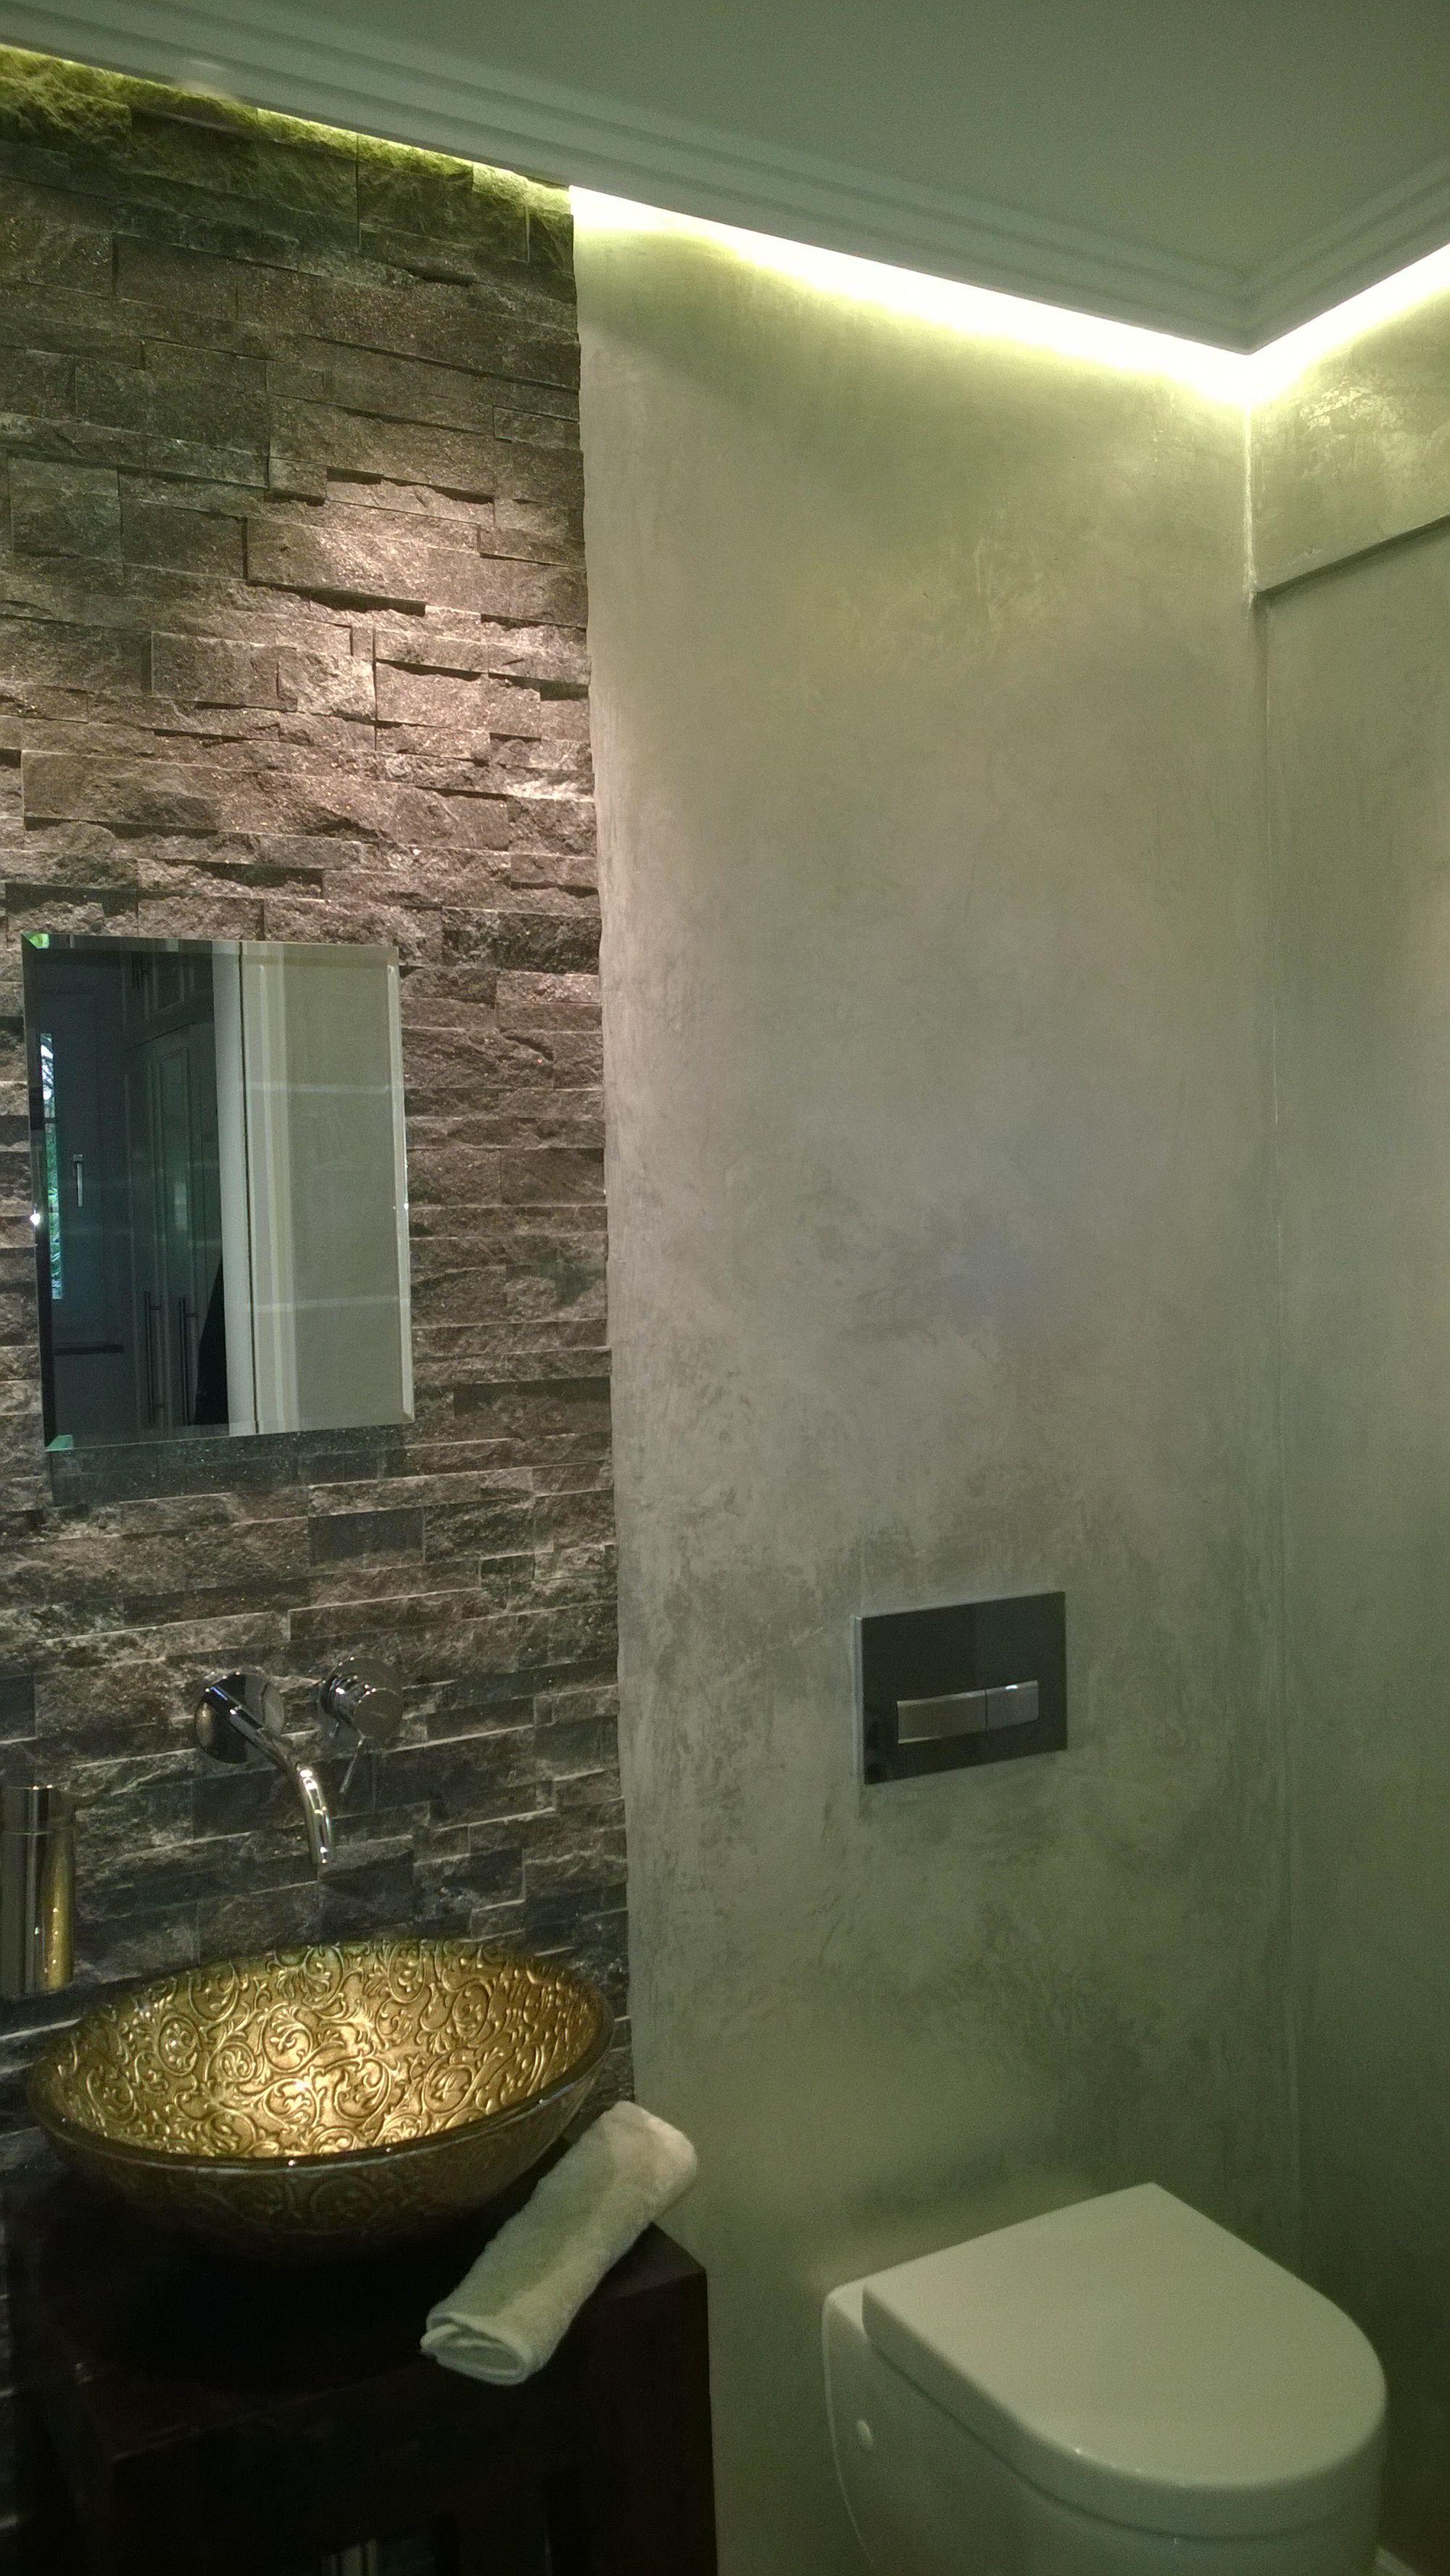 Perfect Wandgestaltungen Fugenlos Auch Im Badezimmer. Badezimmer Renovieren Wir In  Lippstadt